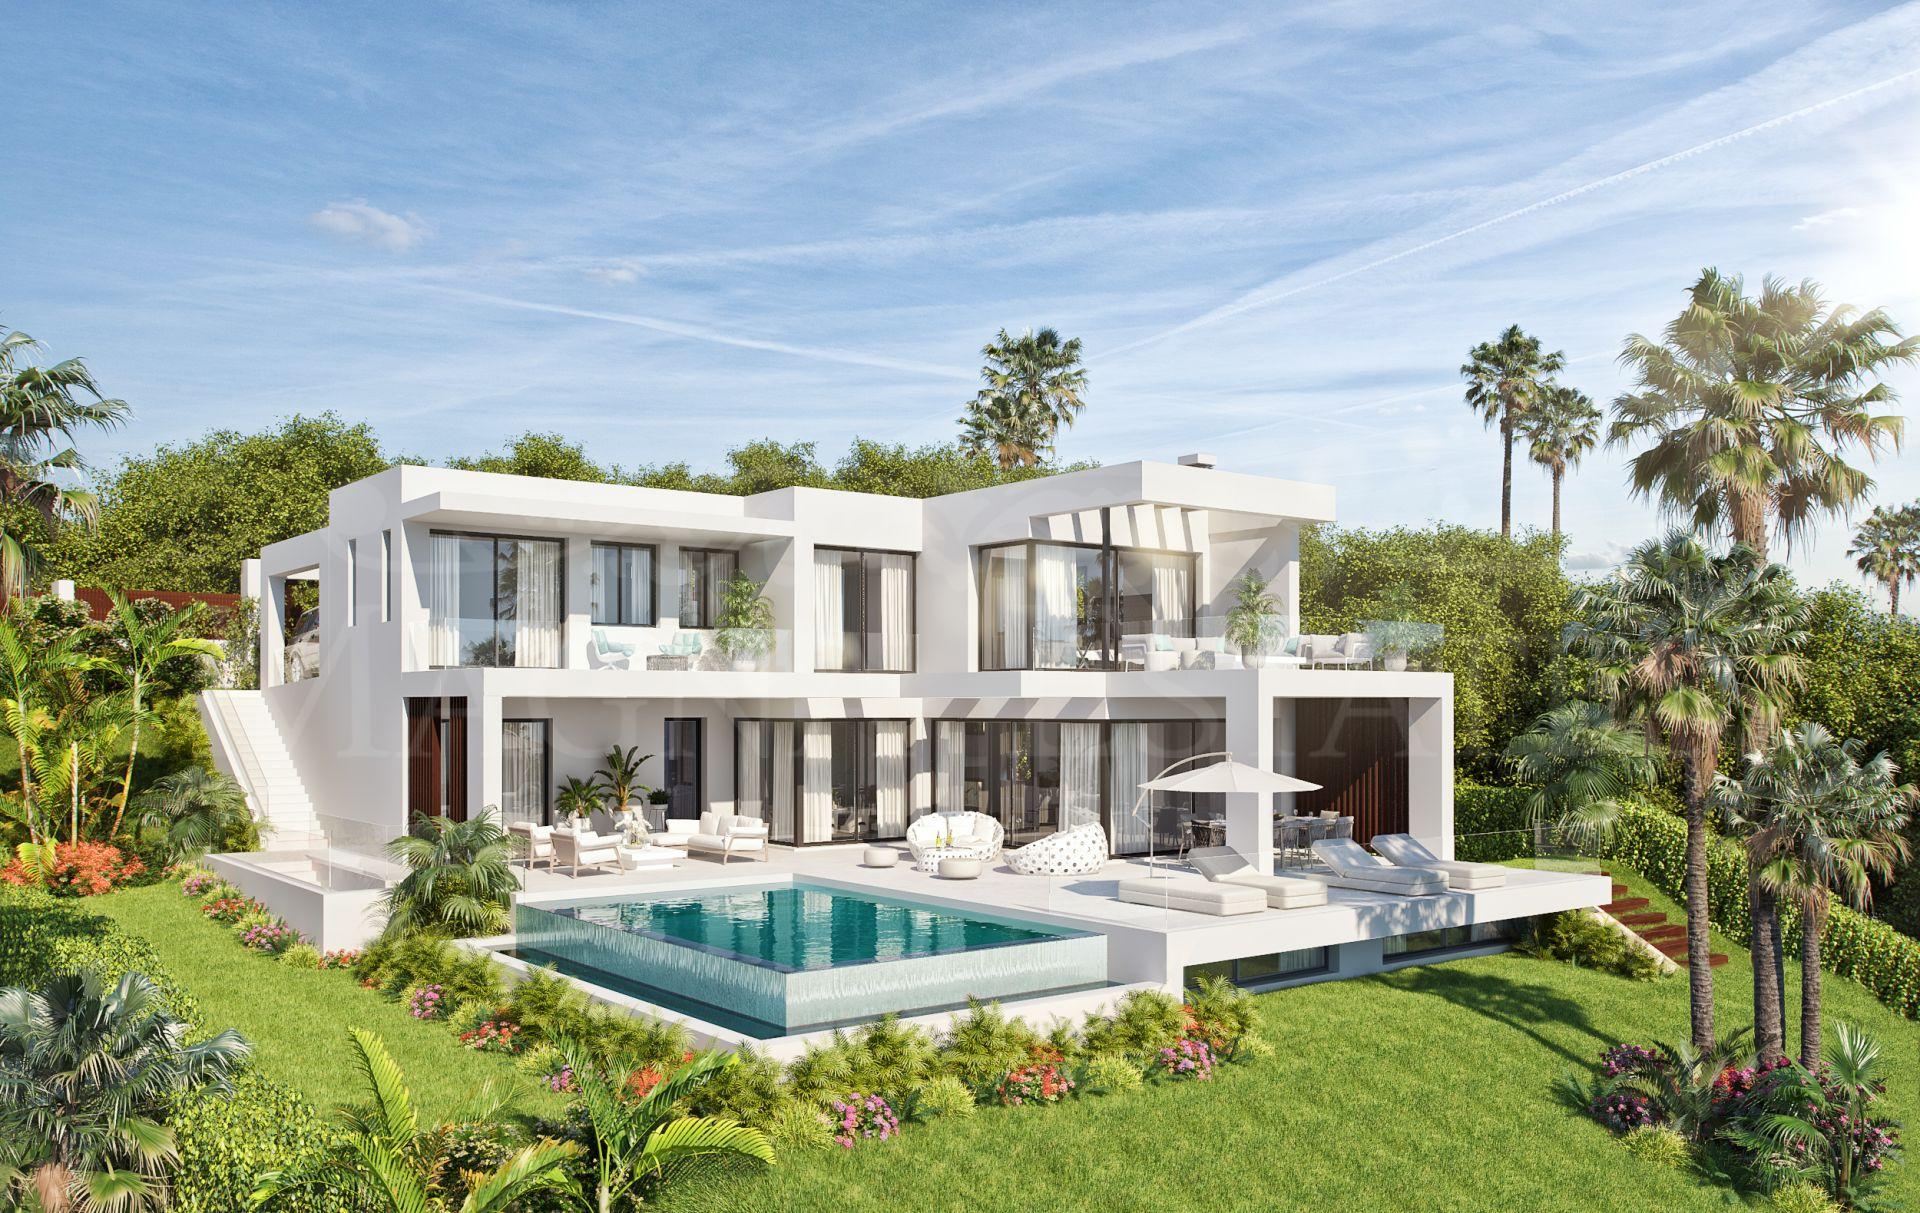 The View: un proyecto de villas con las mejores vistas de la costa